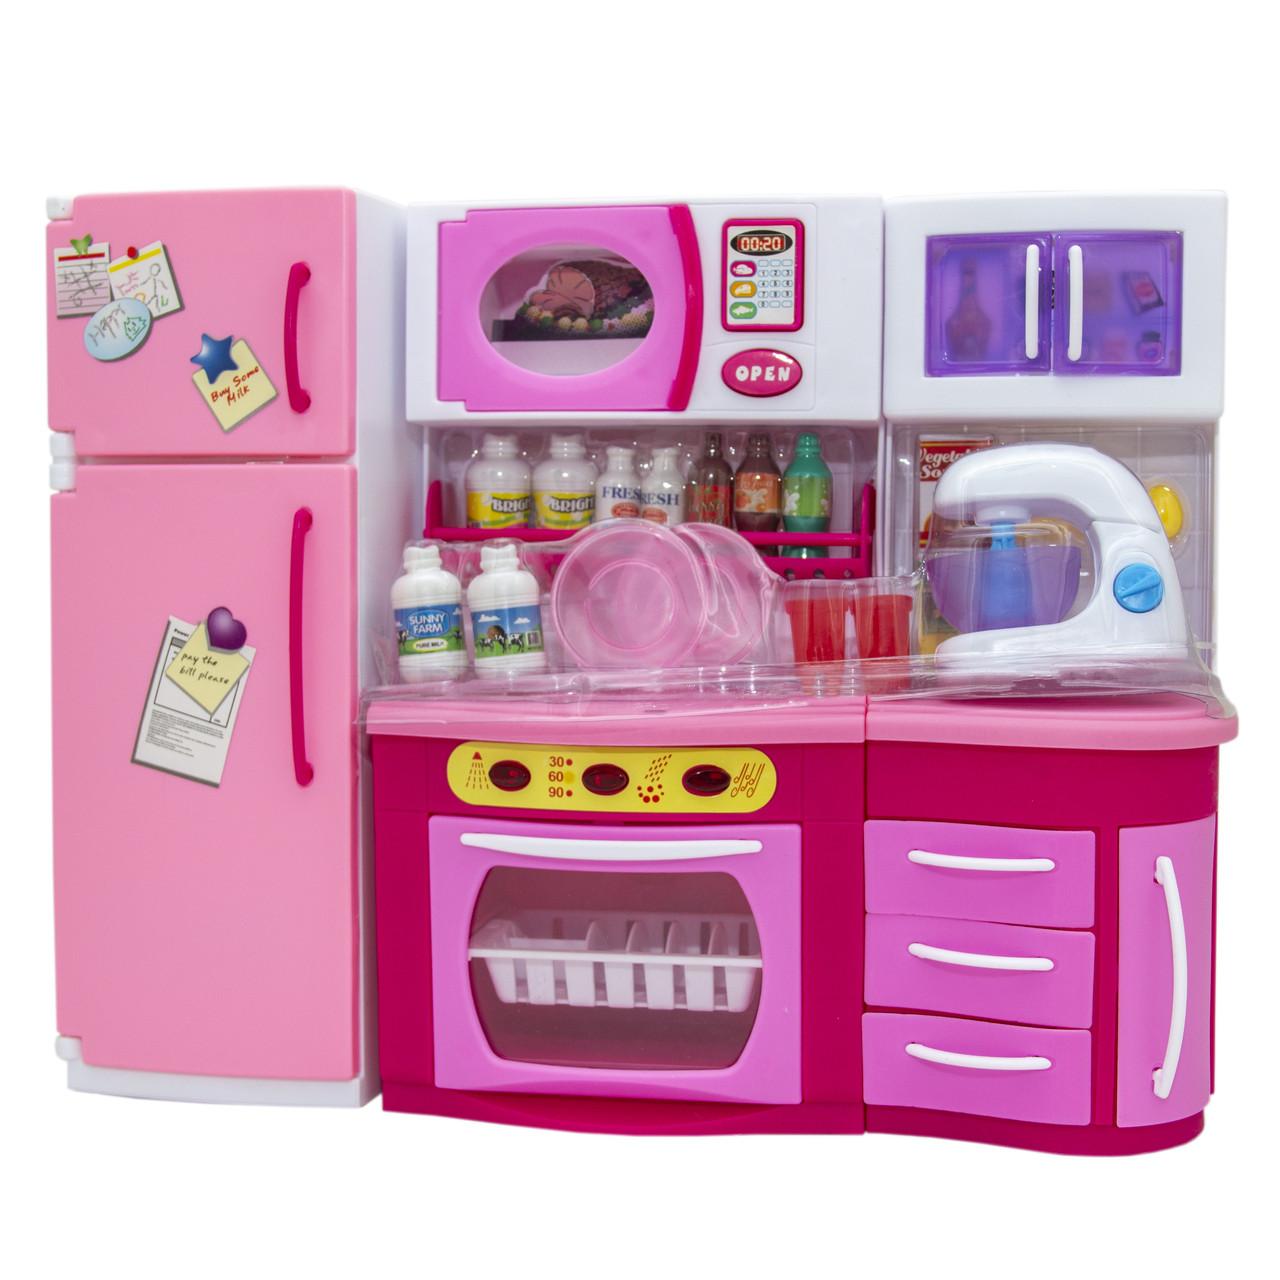 """Кукольная кухня """"Родной Дом""""-2, розовая, 37x11,5x28,5см (2803S)"""